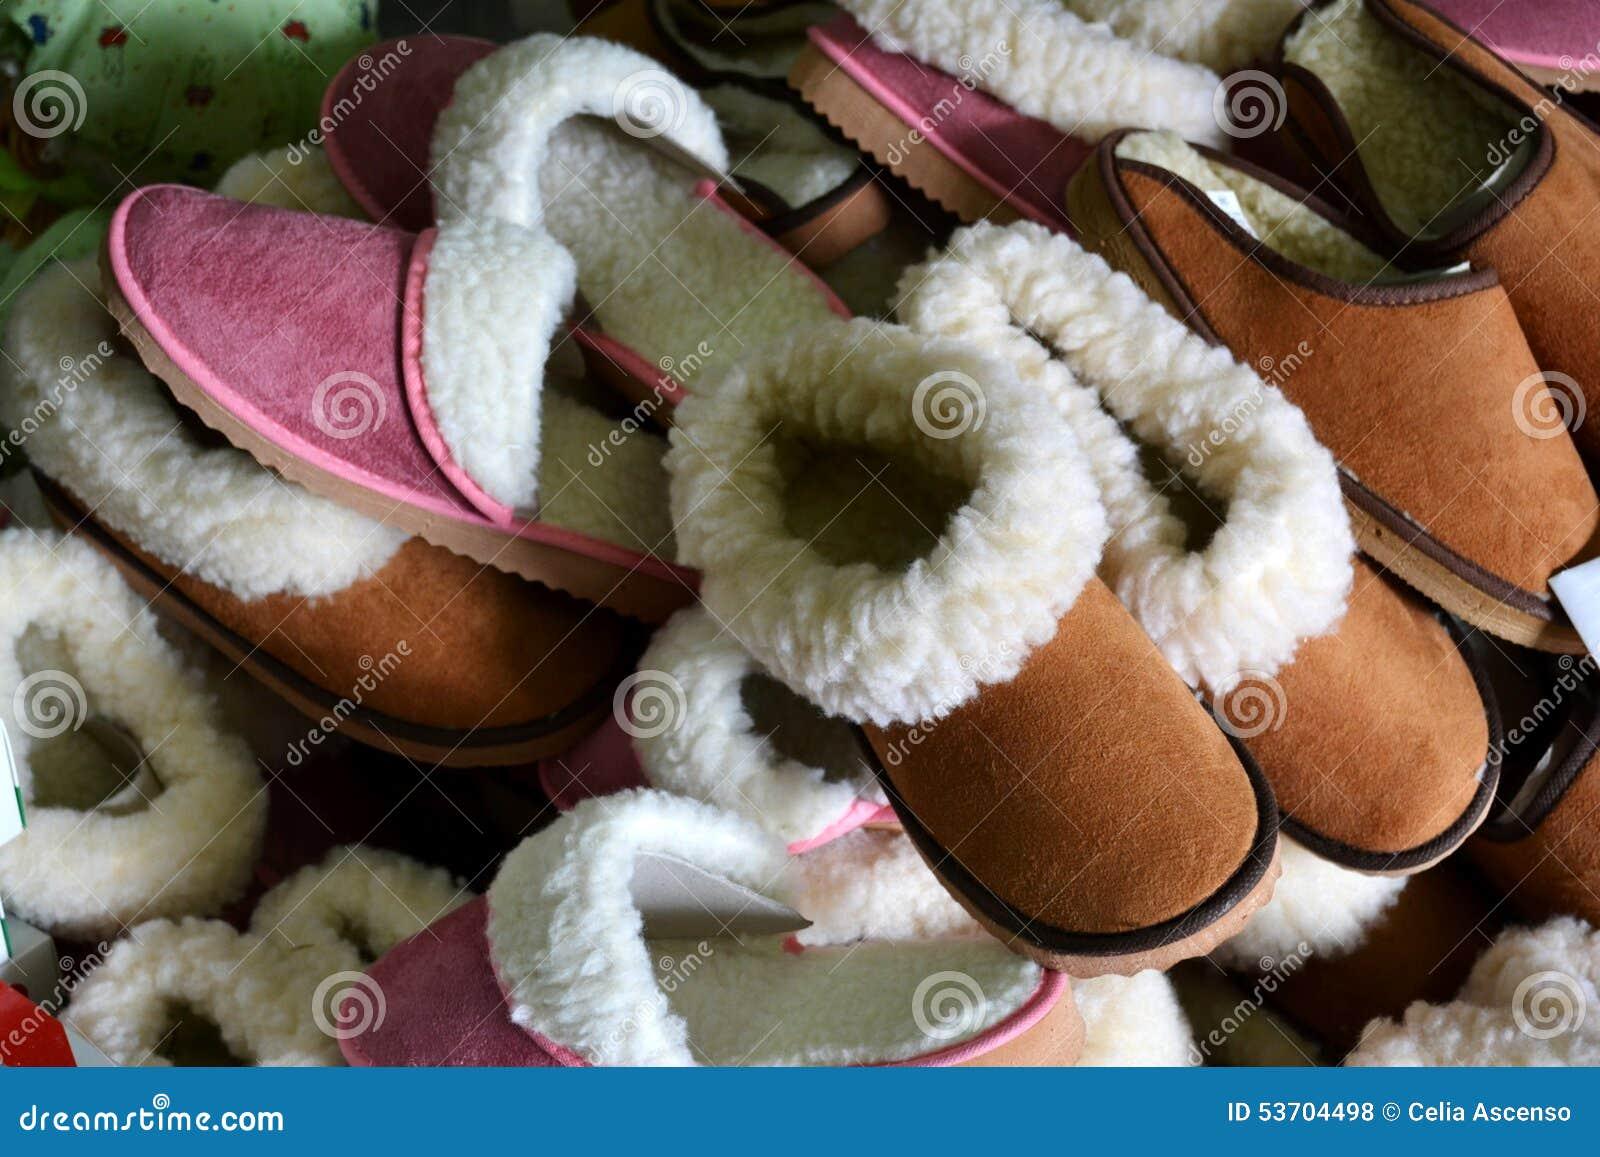 pantoufles traditionnelles vendre sur le march photo stock image 53704498. Black Bedroom Furniture Sets. Home Design Ideas